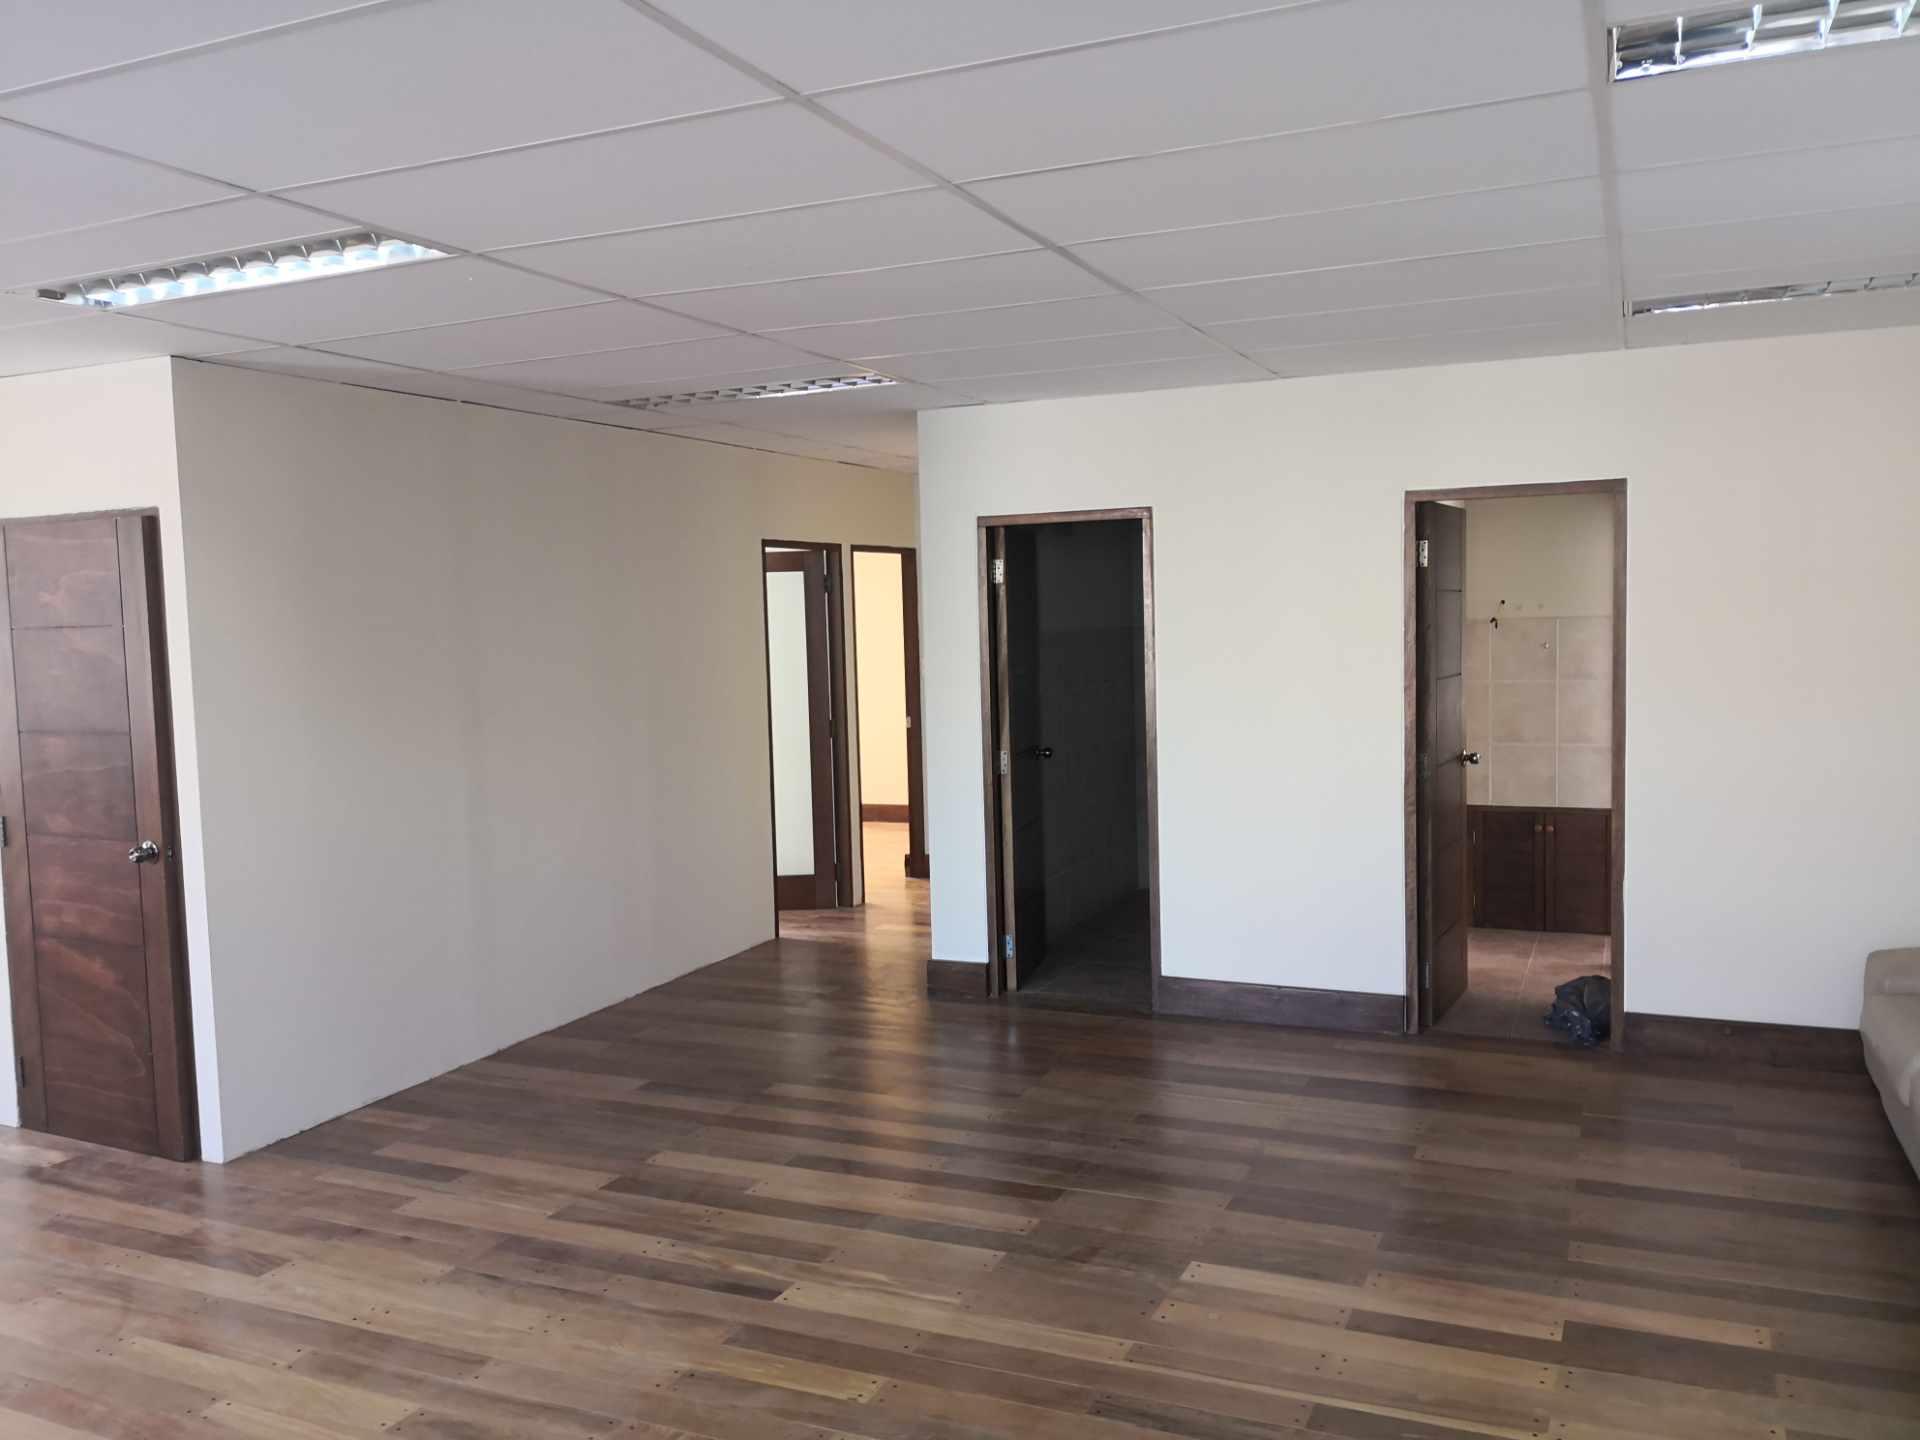 Oficina en Alquiler Zona de Calacoto, Calle 10, Edificio General Hugo Ballivian Foto 5